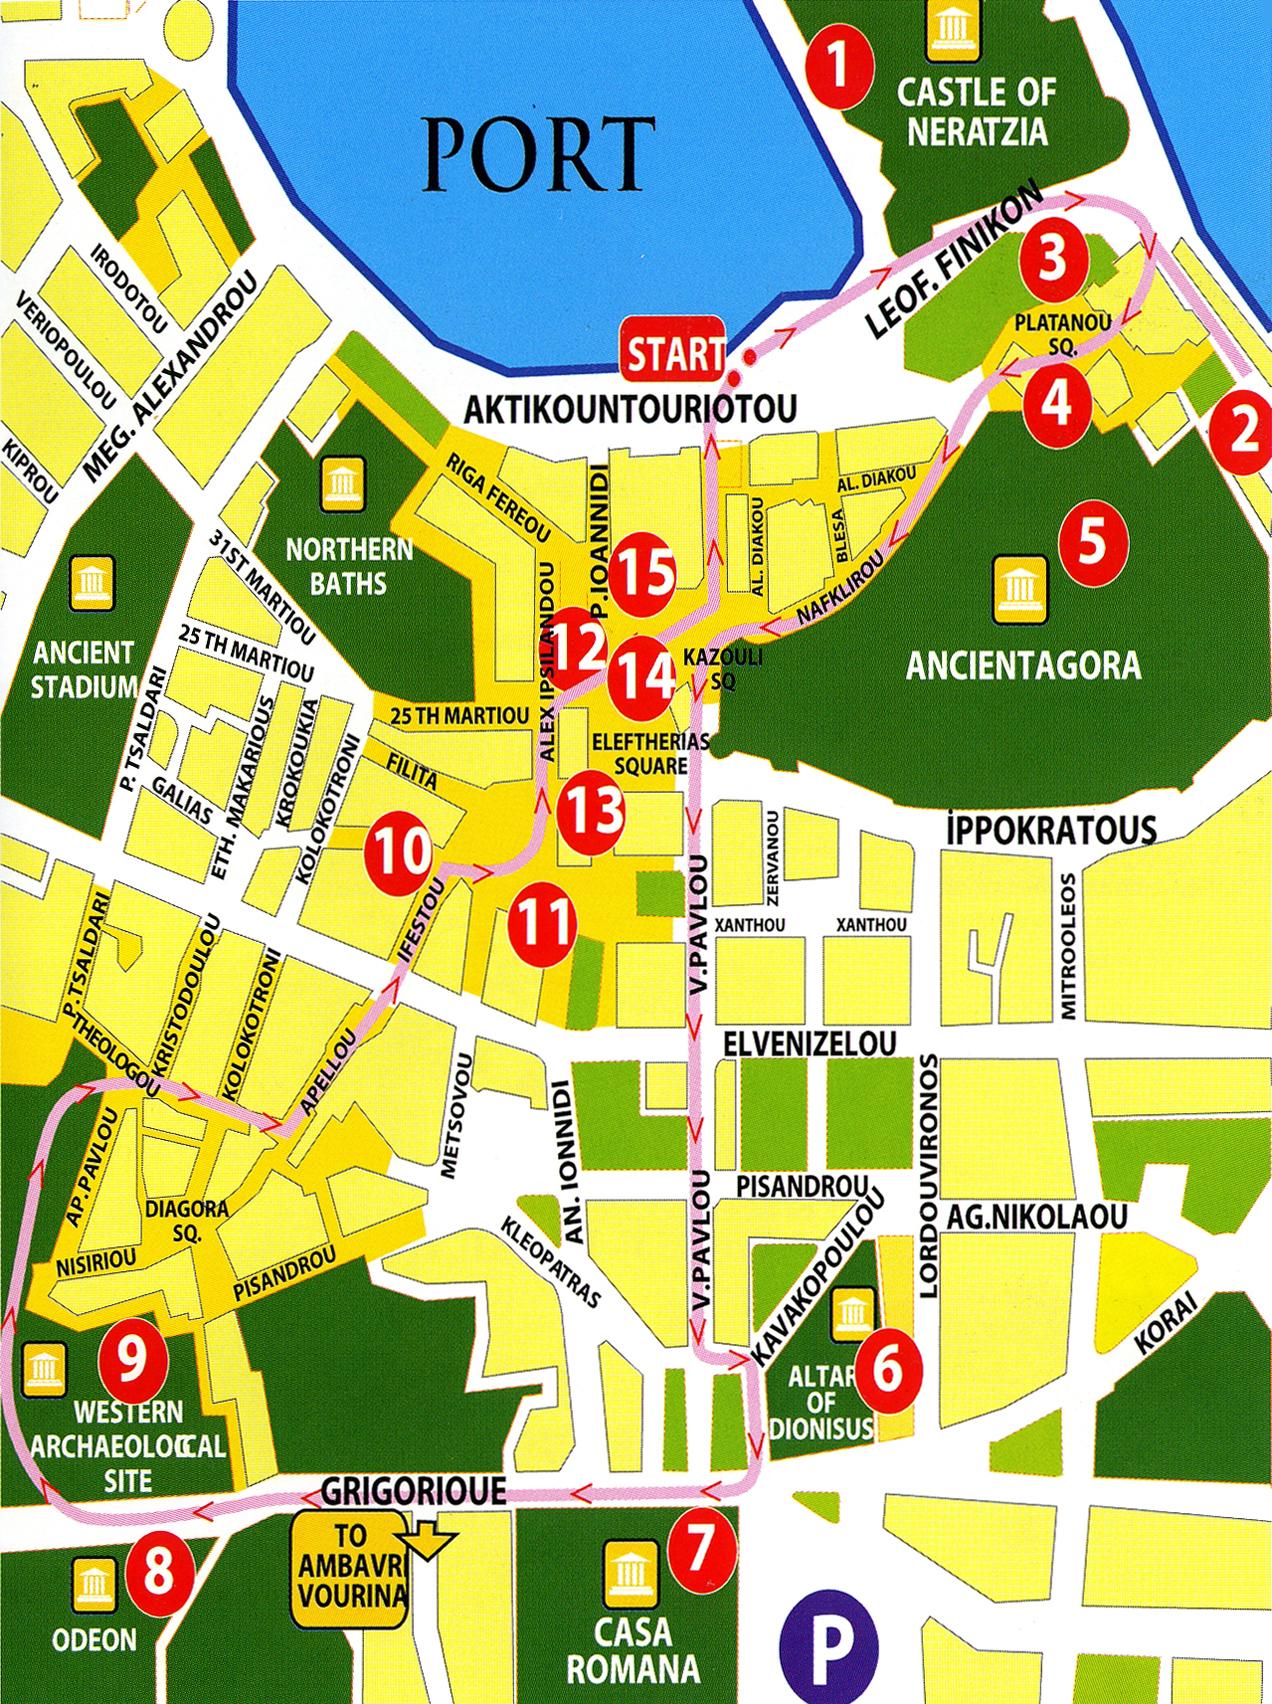 Kos Town Kos The GrecoRoman city